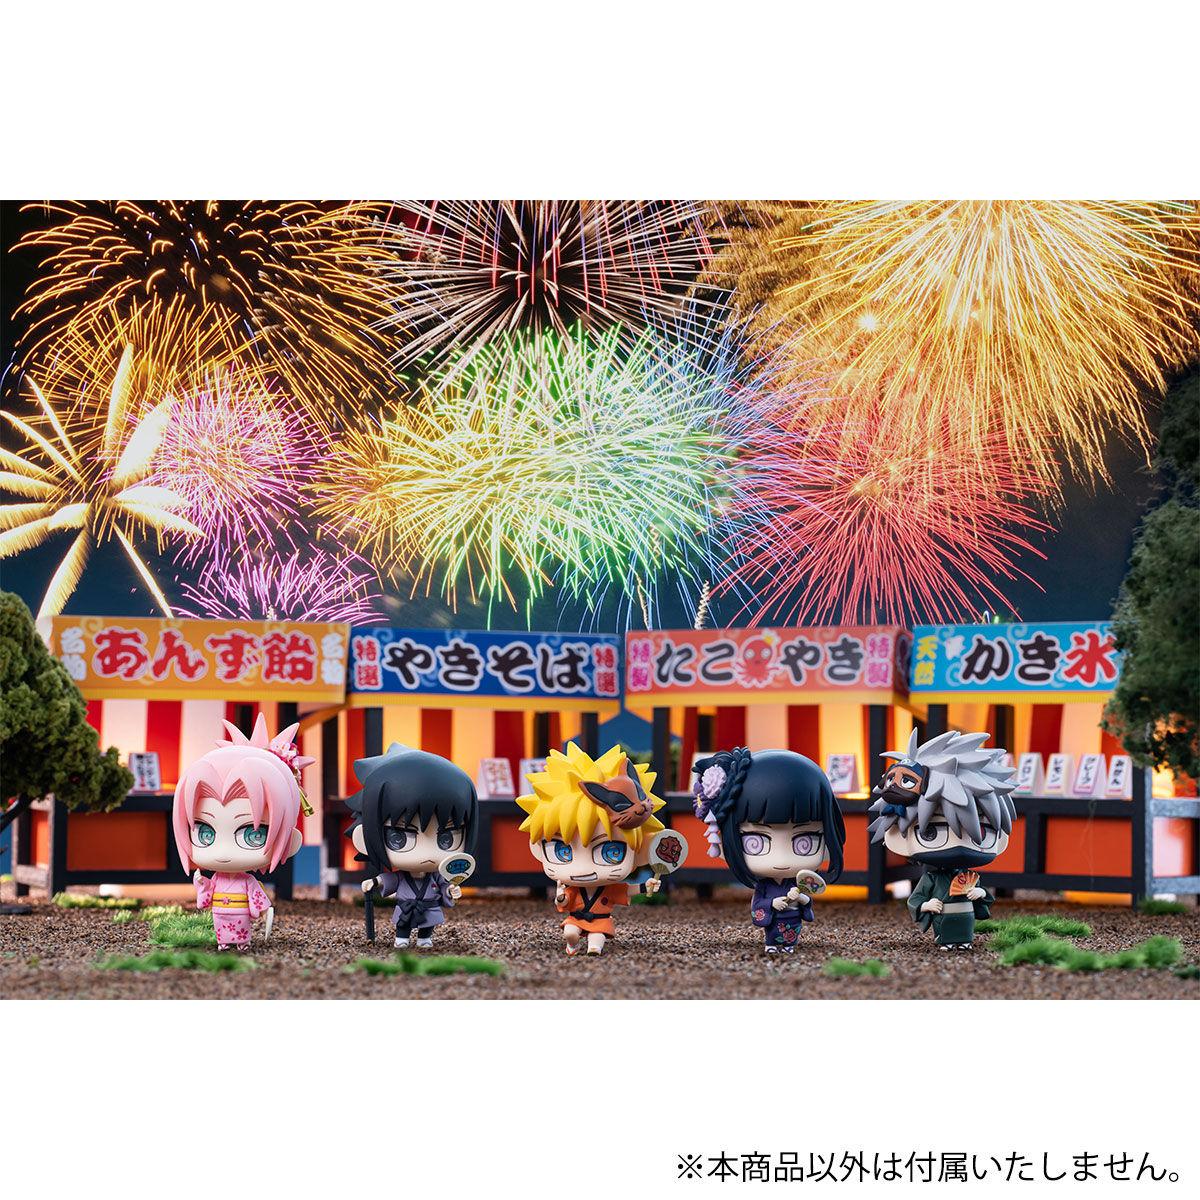 ちみメガ10周年企画『ぷちきゃらランド NARUTO -ナルト- 疾風伝 10周年祭開幕だってばよ!』10個入りBOX-009